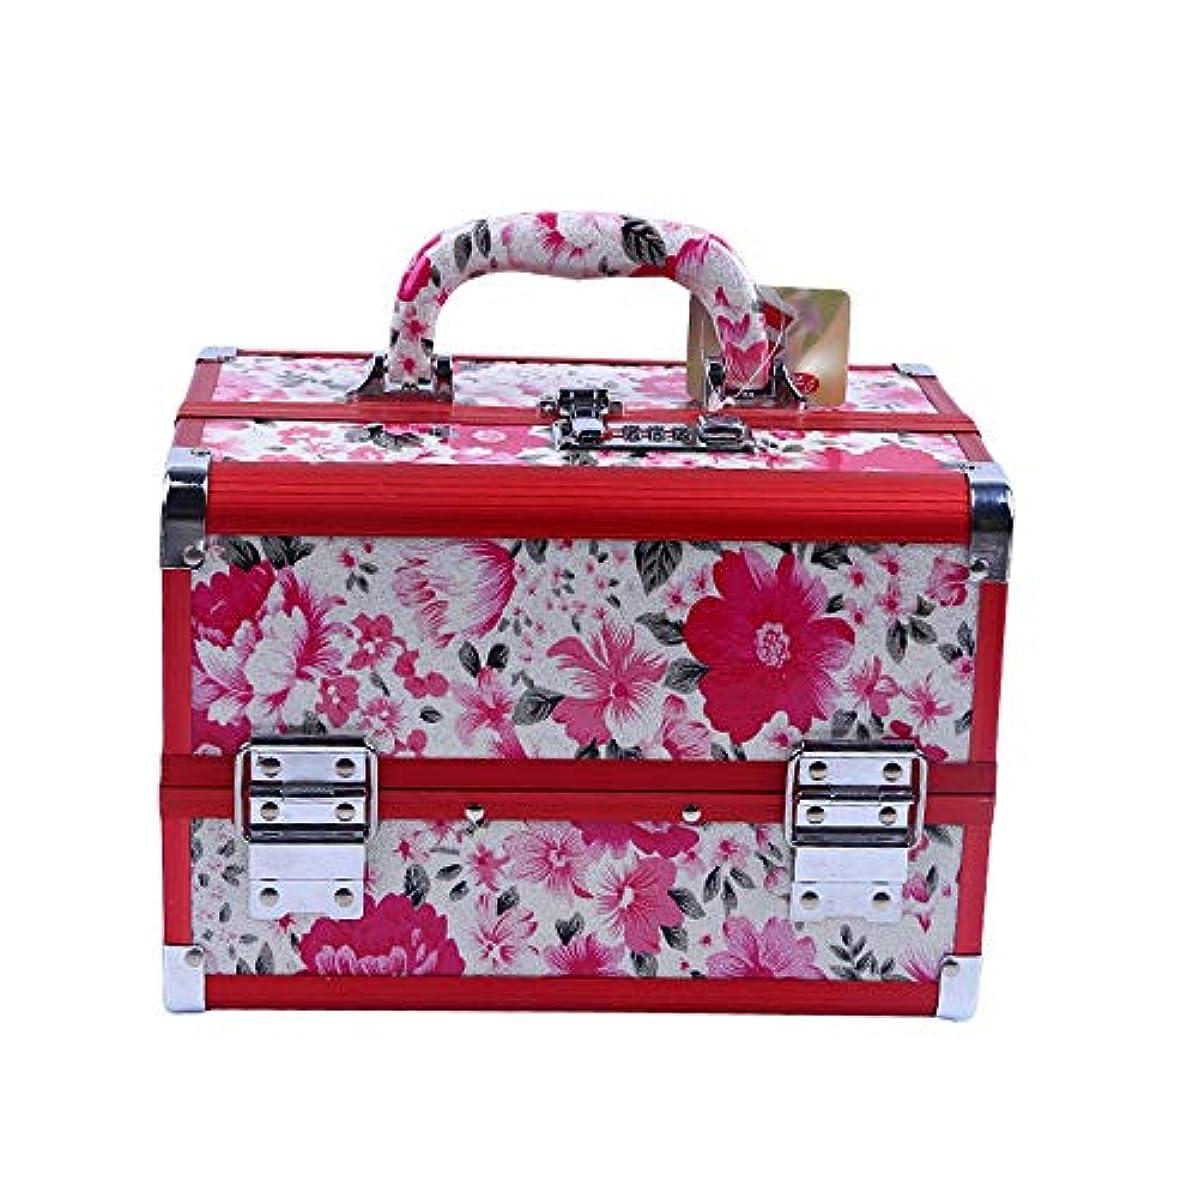 フェードナチュラ引退した化粧オーガナイザーバッグ 花のパターンポータブル化粧品ケース美容メイクアップと女の子の女性の旅行と毎日のストレージロック付きトレイ付き 化粧品ケース